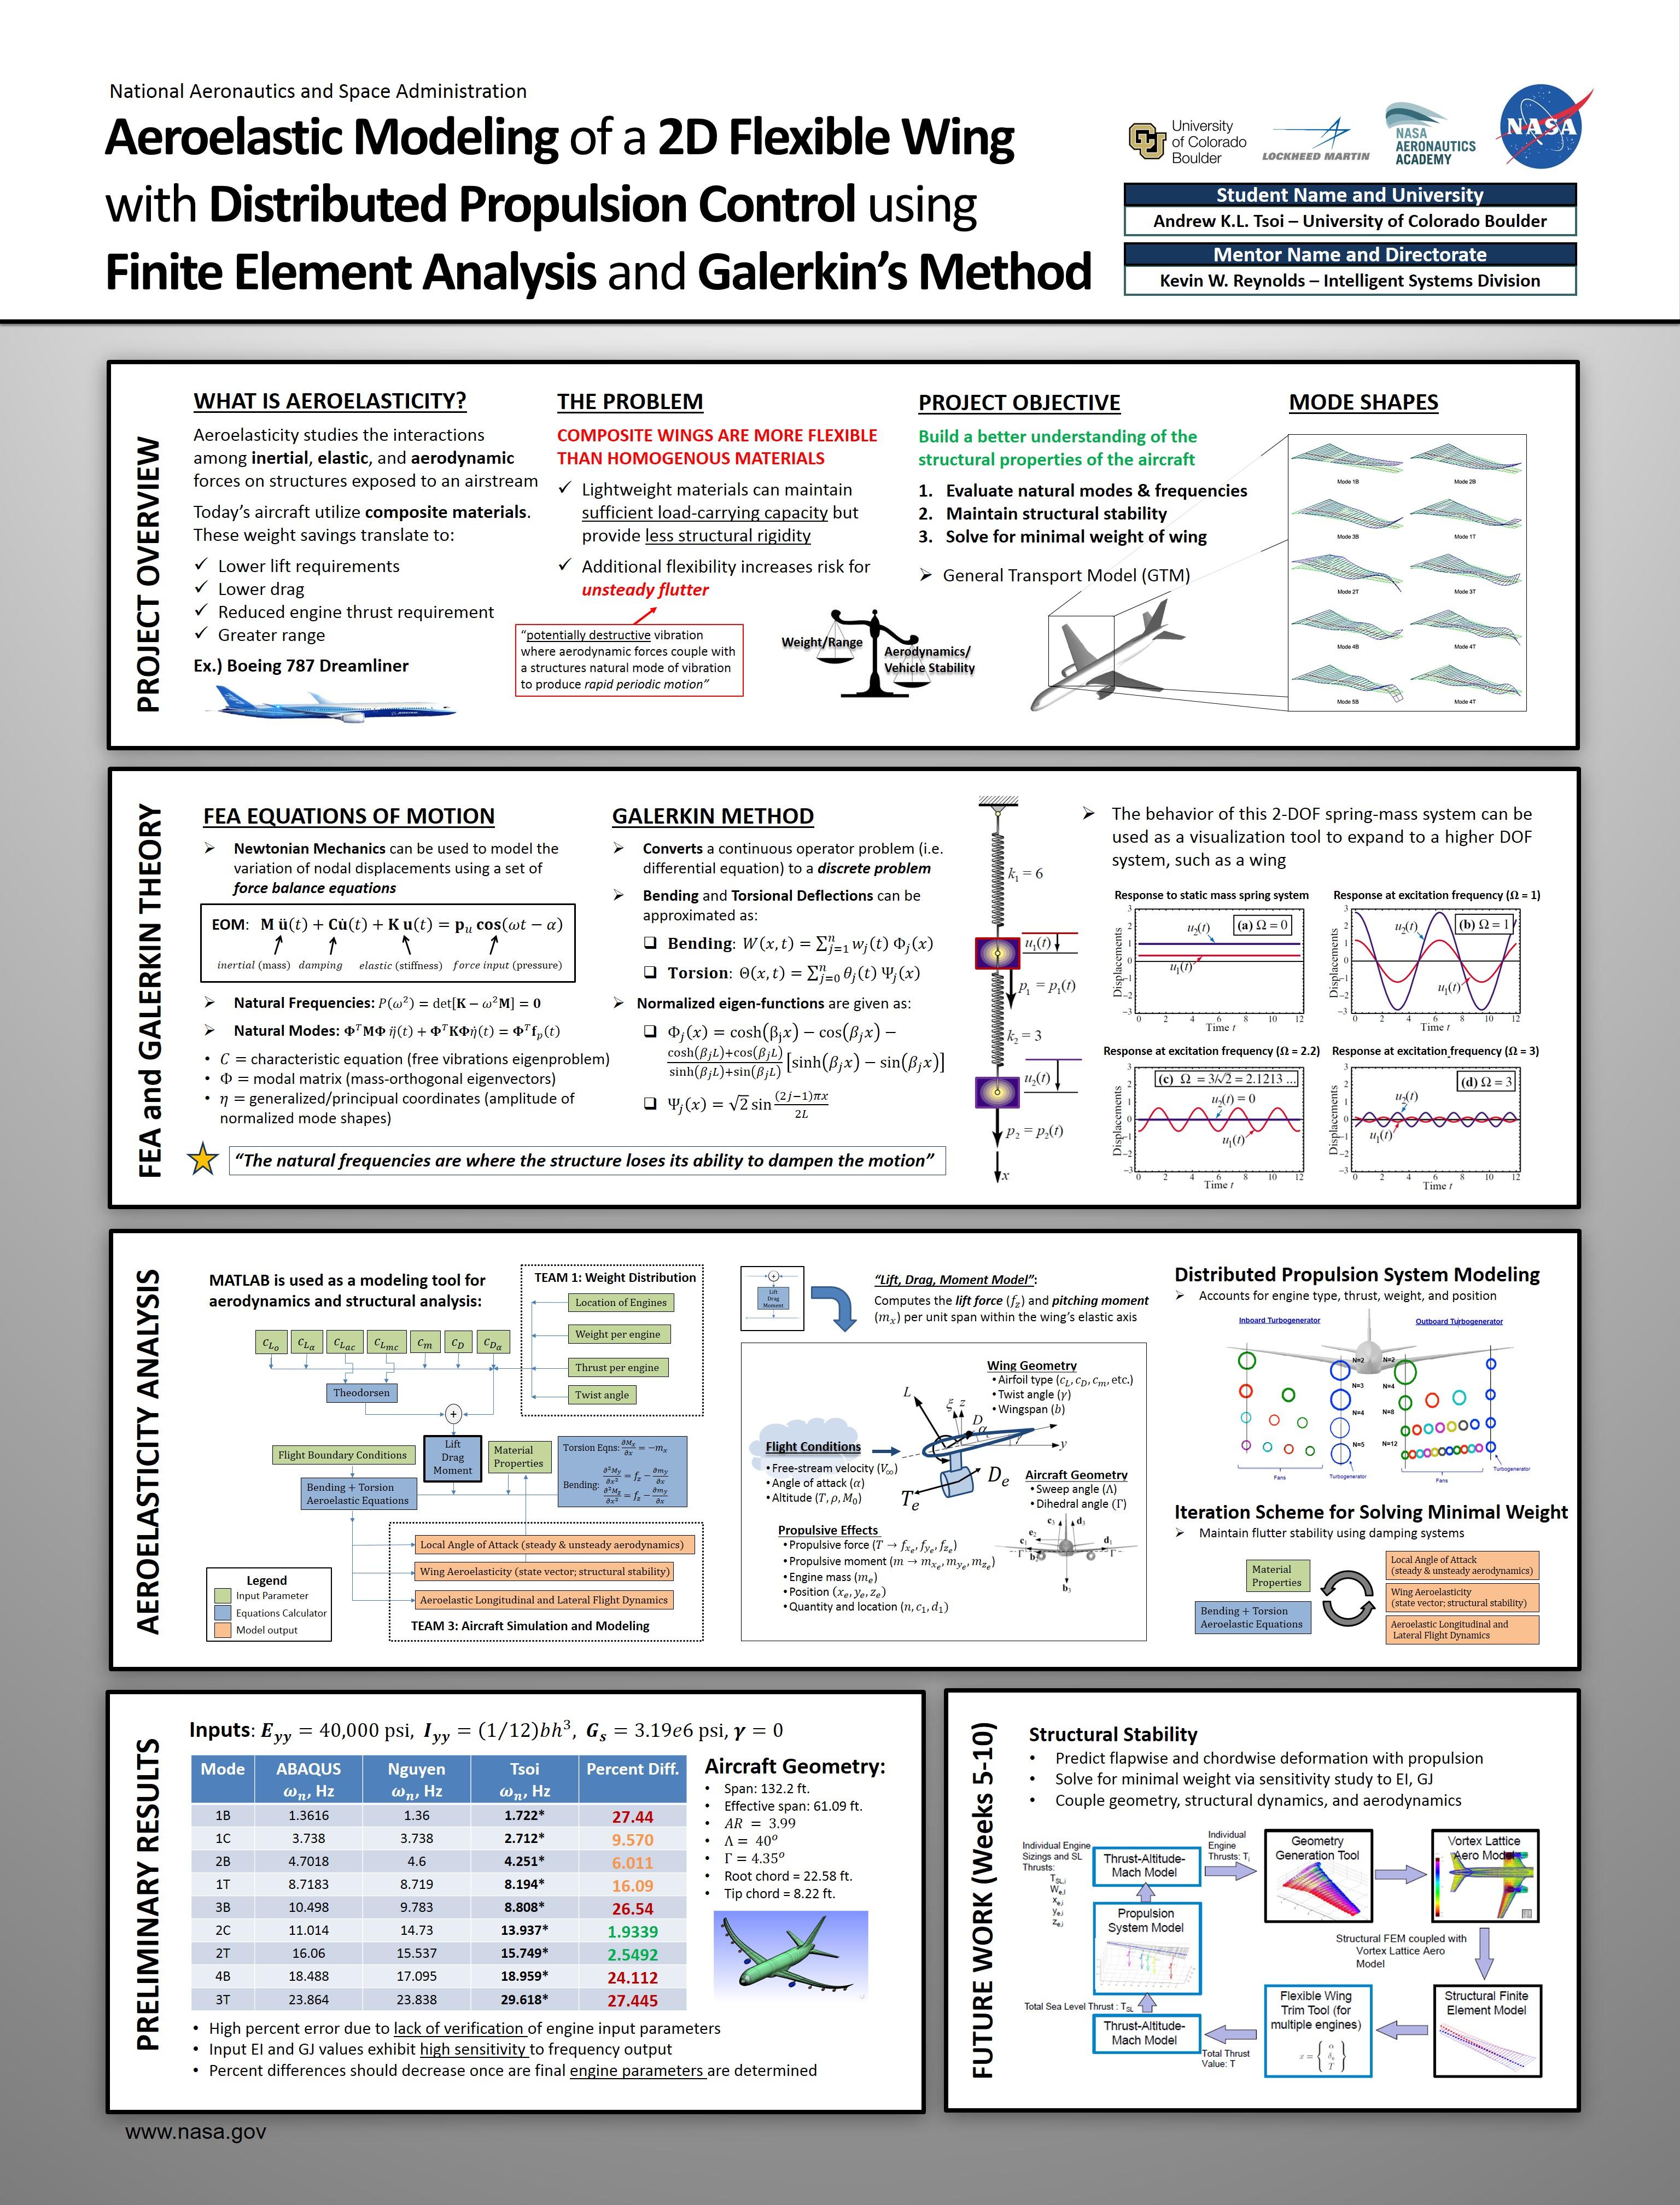 2013 NASA Ames Virtual Poster Fair - List by Organization